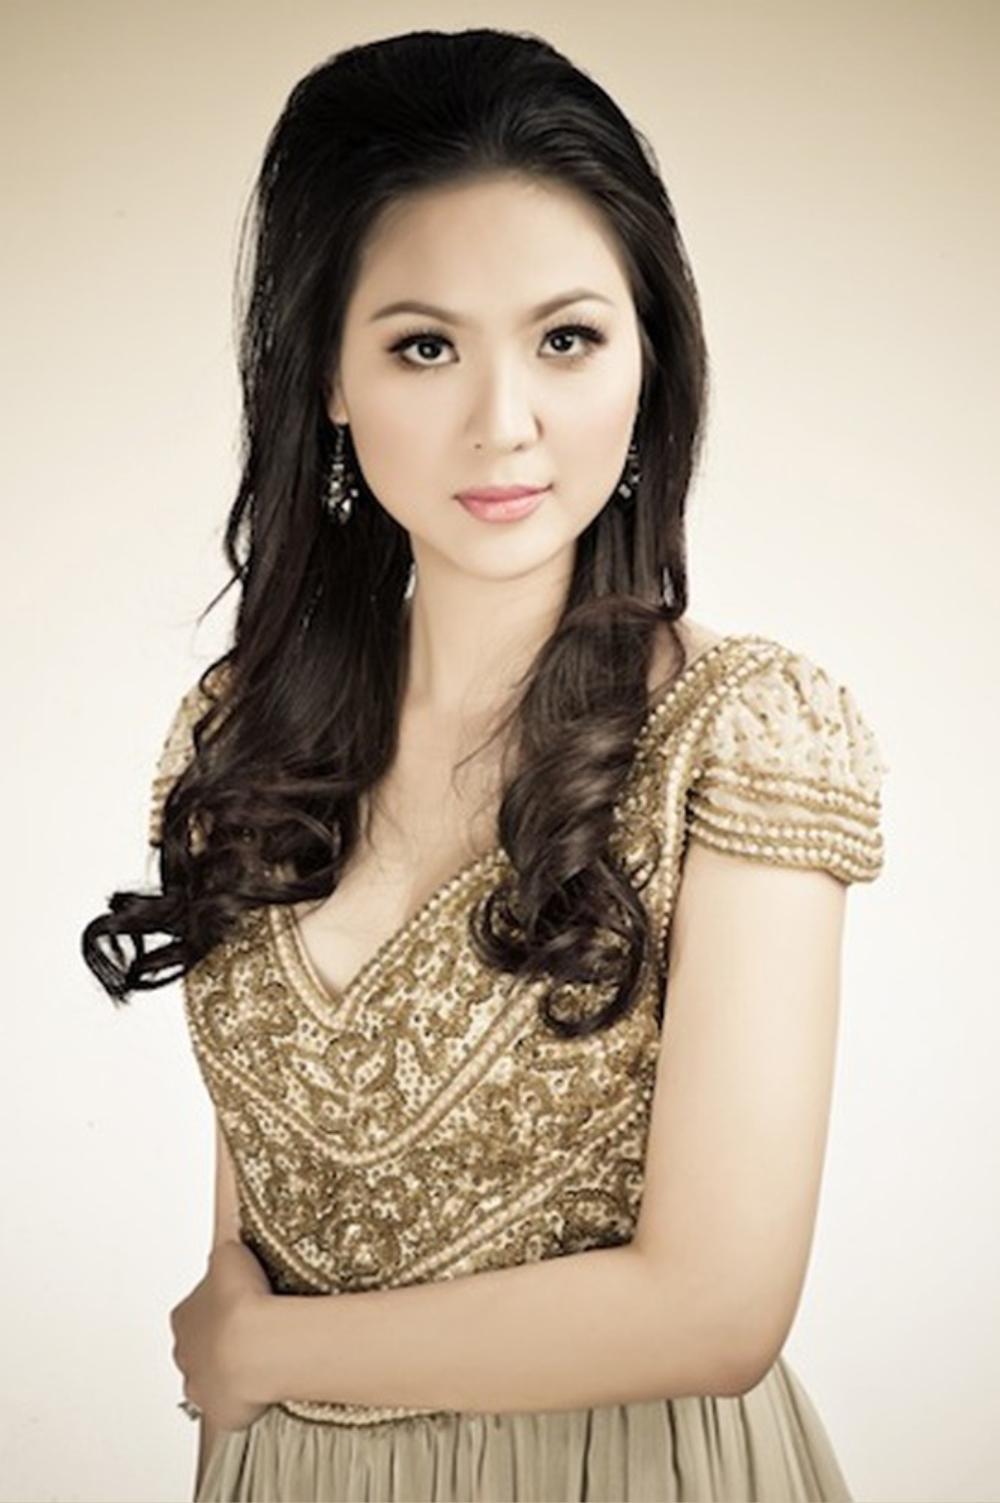 5 mỹ nhân khước từ cơ hội thi Miss Universe: Thanh Hằng gây tiếc nuối, Diễm Trang sợ thiếu thời gian Ảnh 15